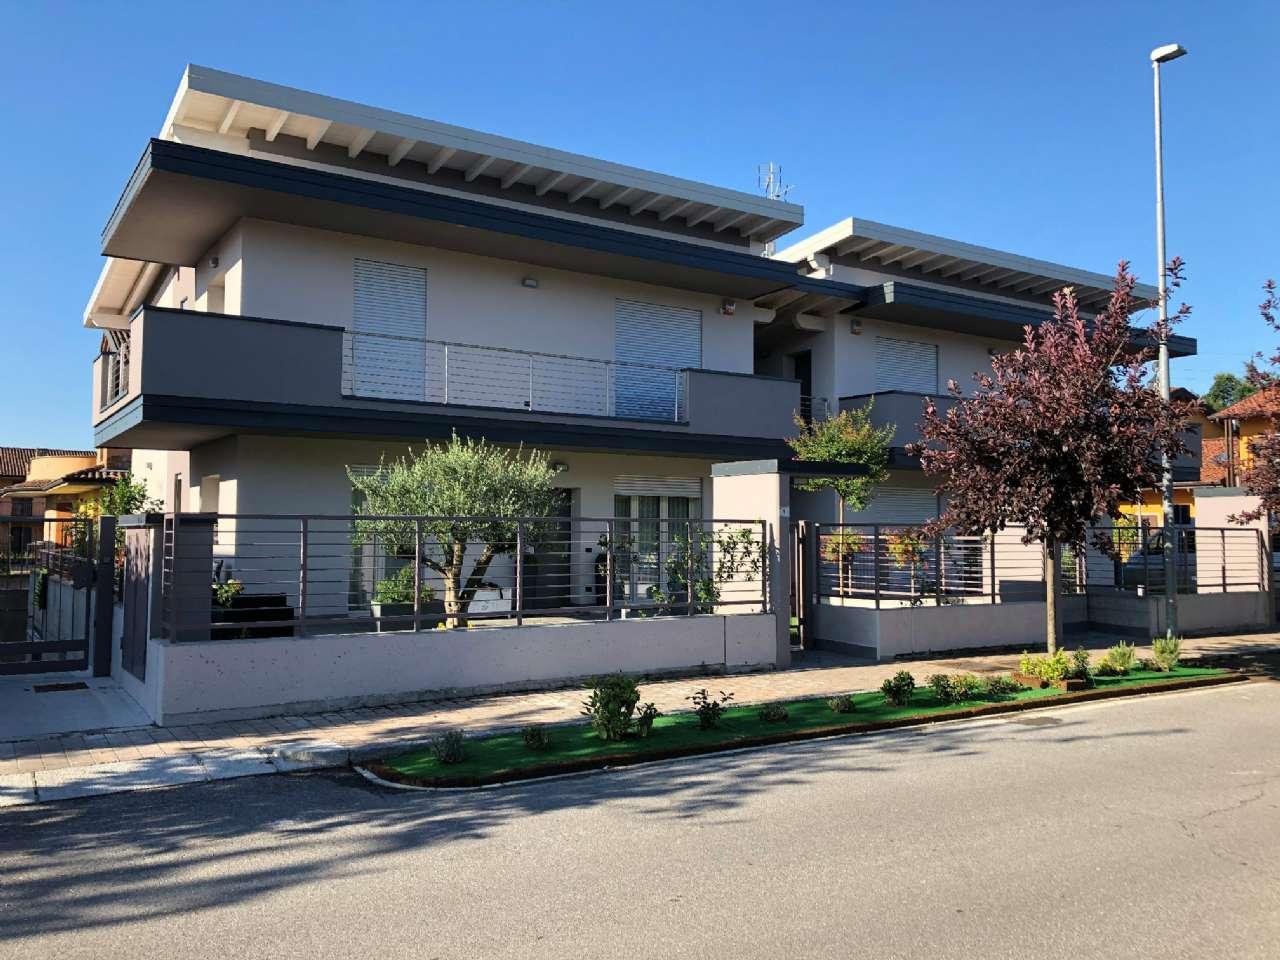 Appartamento in vendita a Bonate Sopra, 3 locali, prezzo € 219.000 | PortaleAgenzieImmobiliari.it